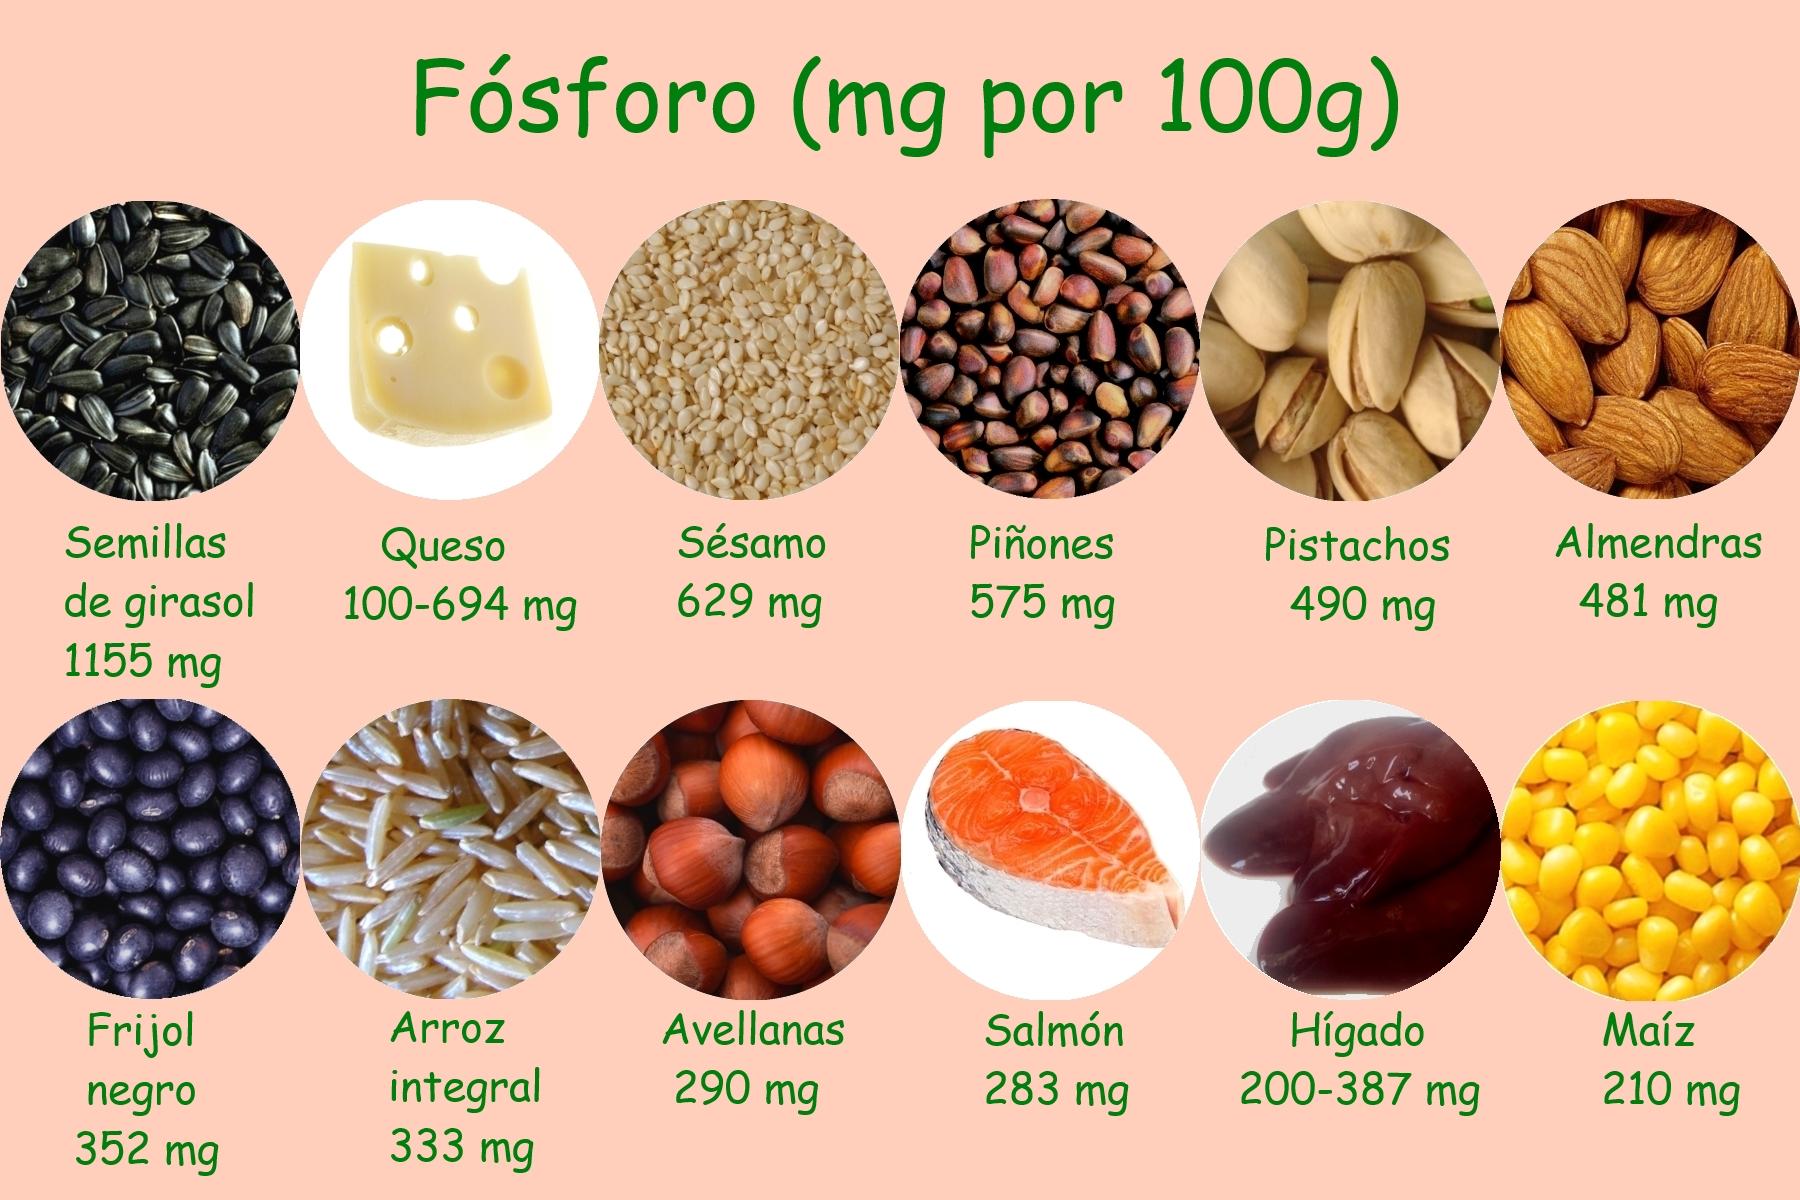 Fosforo propiedades dietas deportivas - Alimentos ricos en magnesio y zinc ...